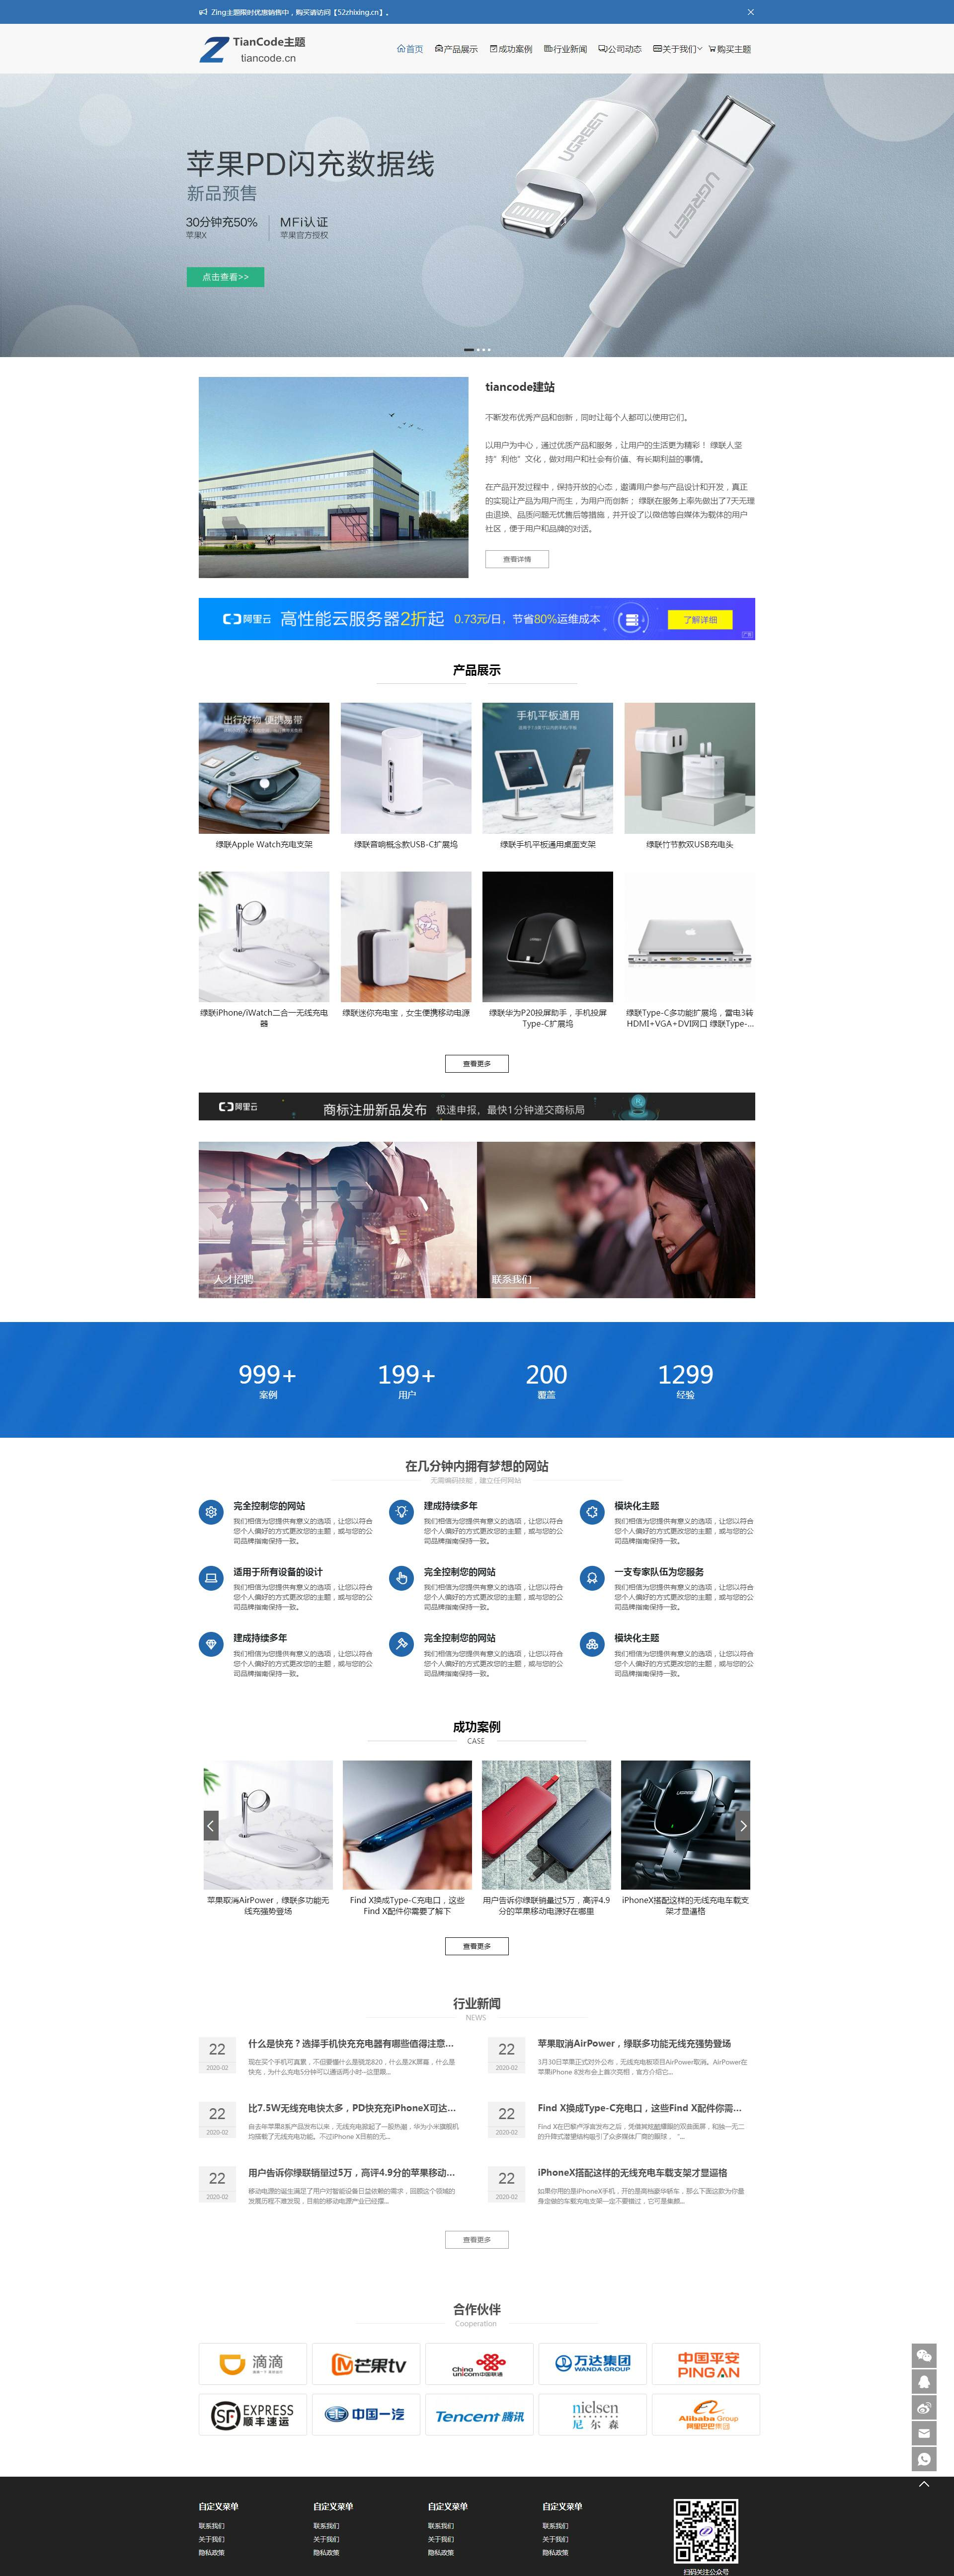 WordPress响应式模块化蓝色大气通用企业商城主题